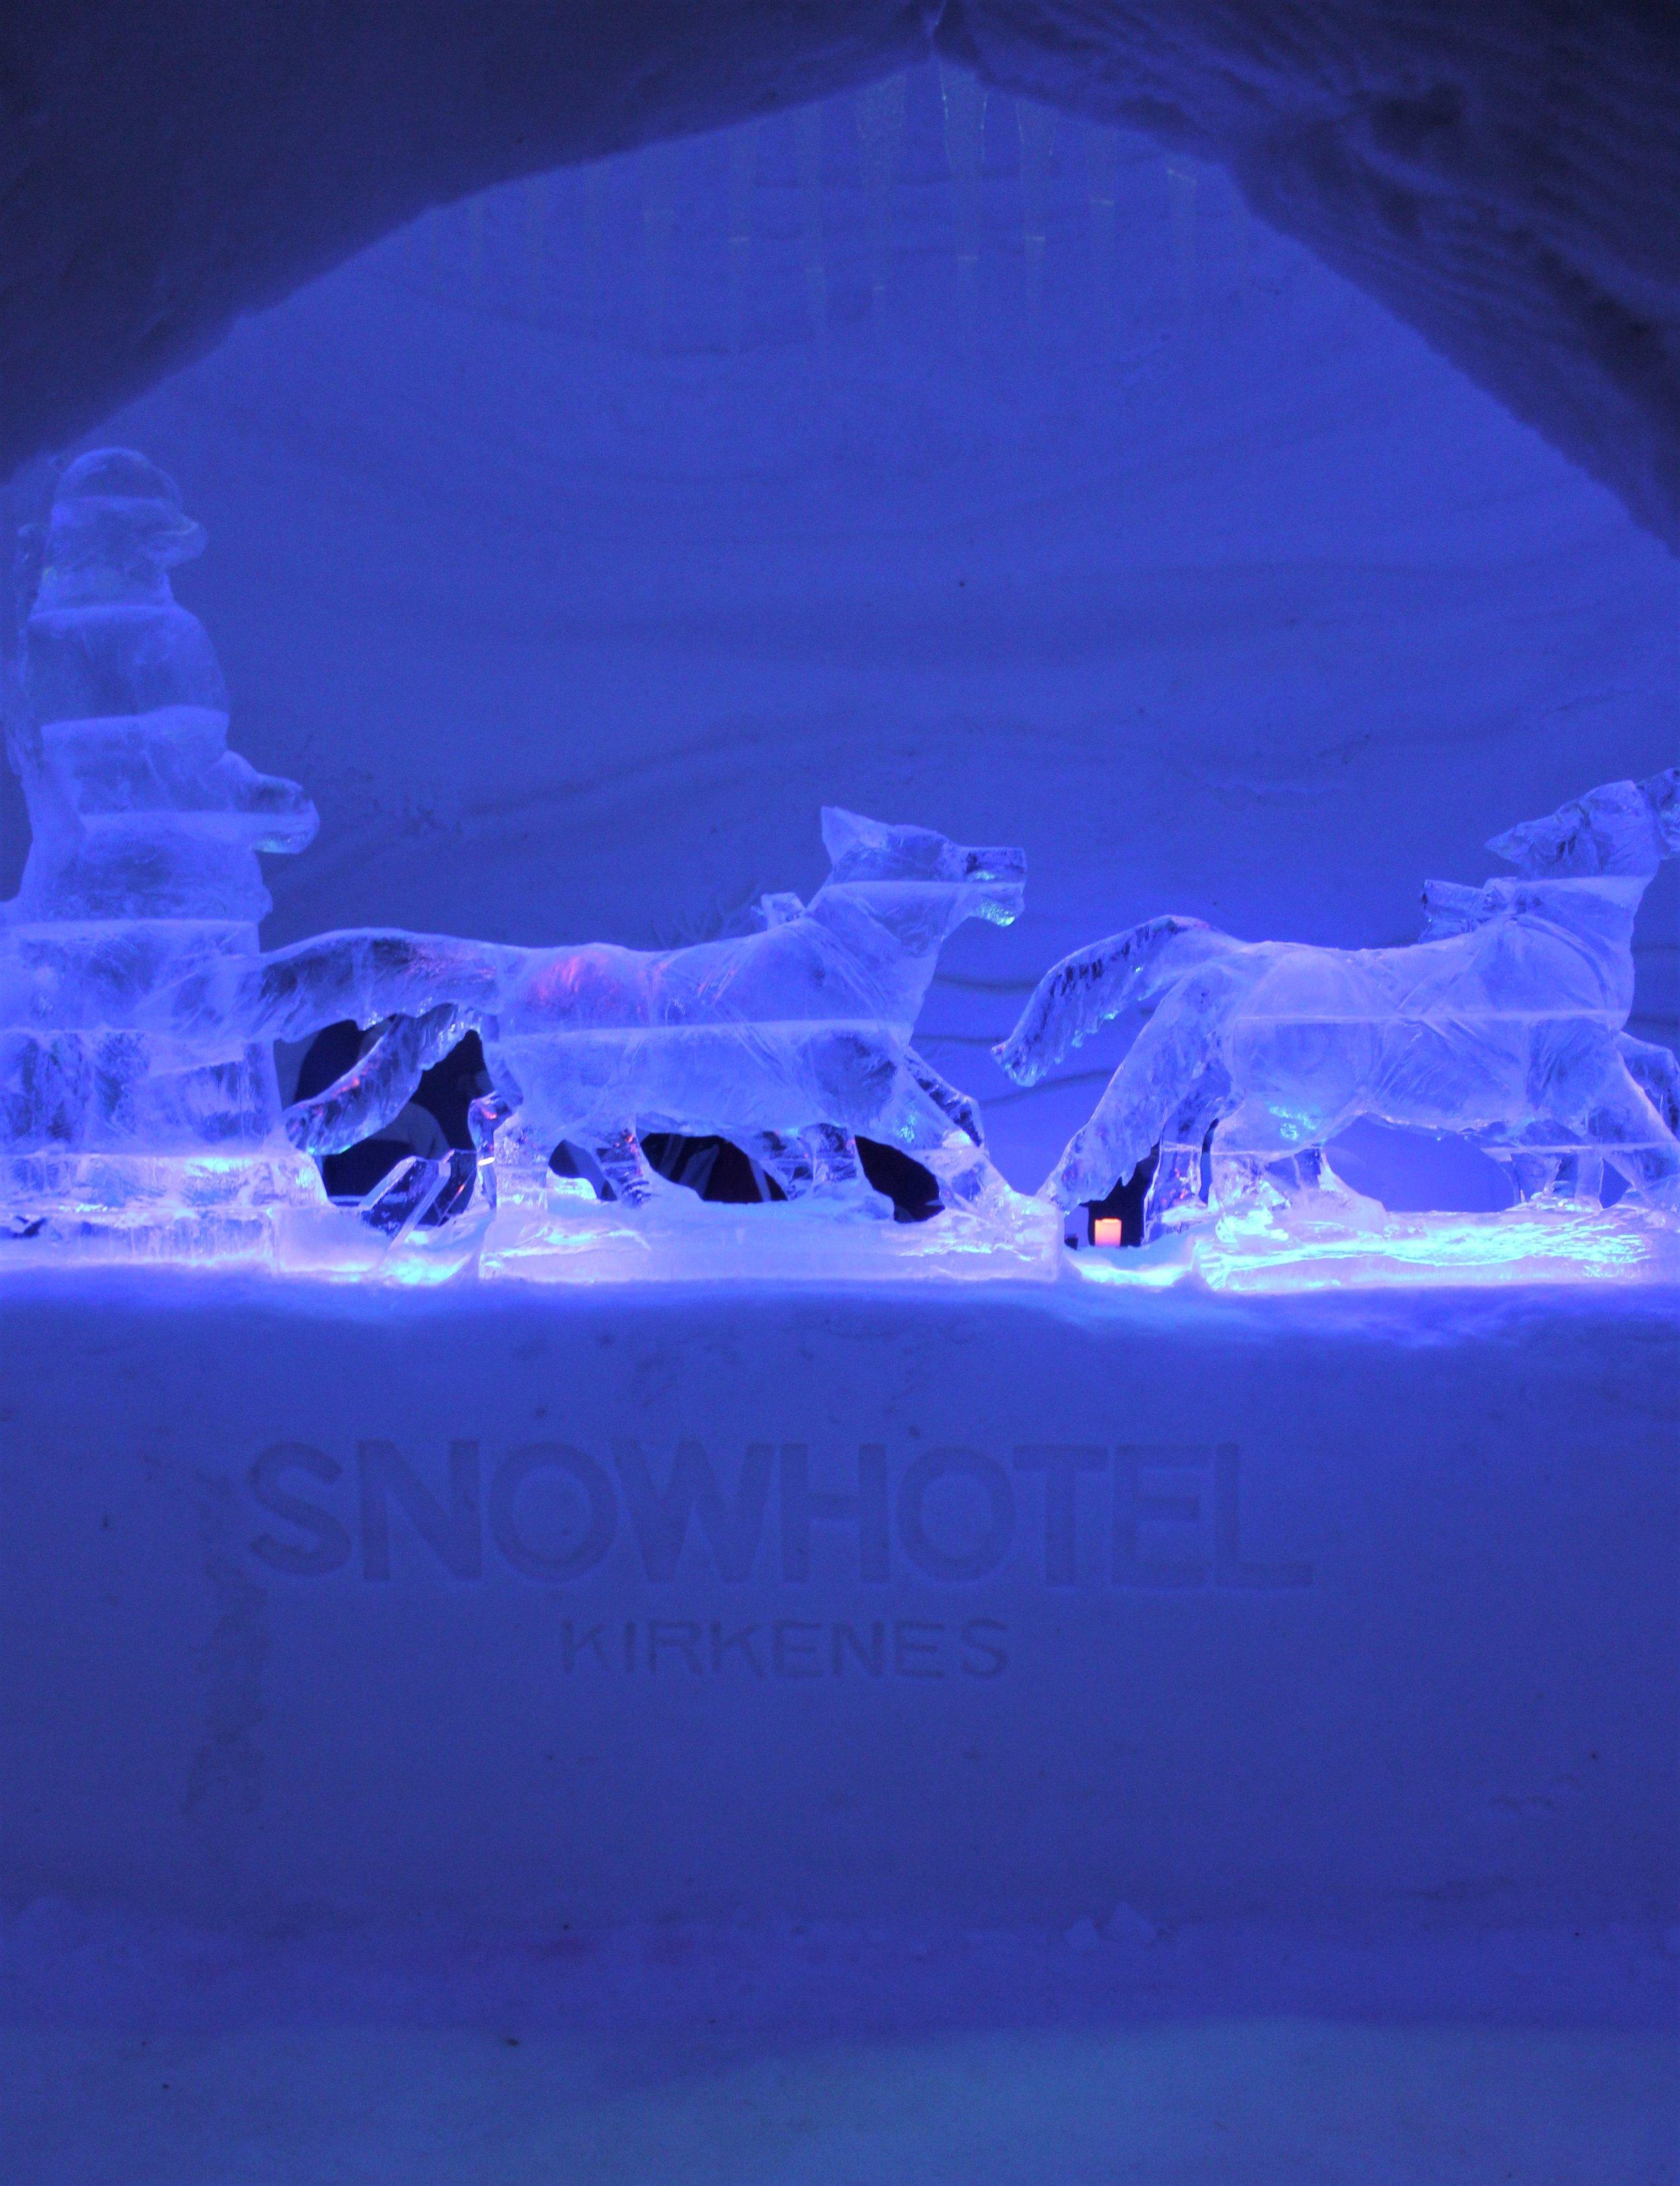 snow-hotel-norway